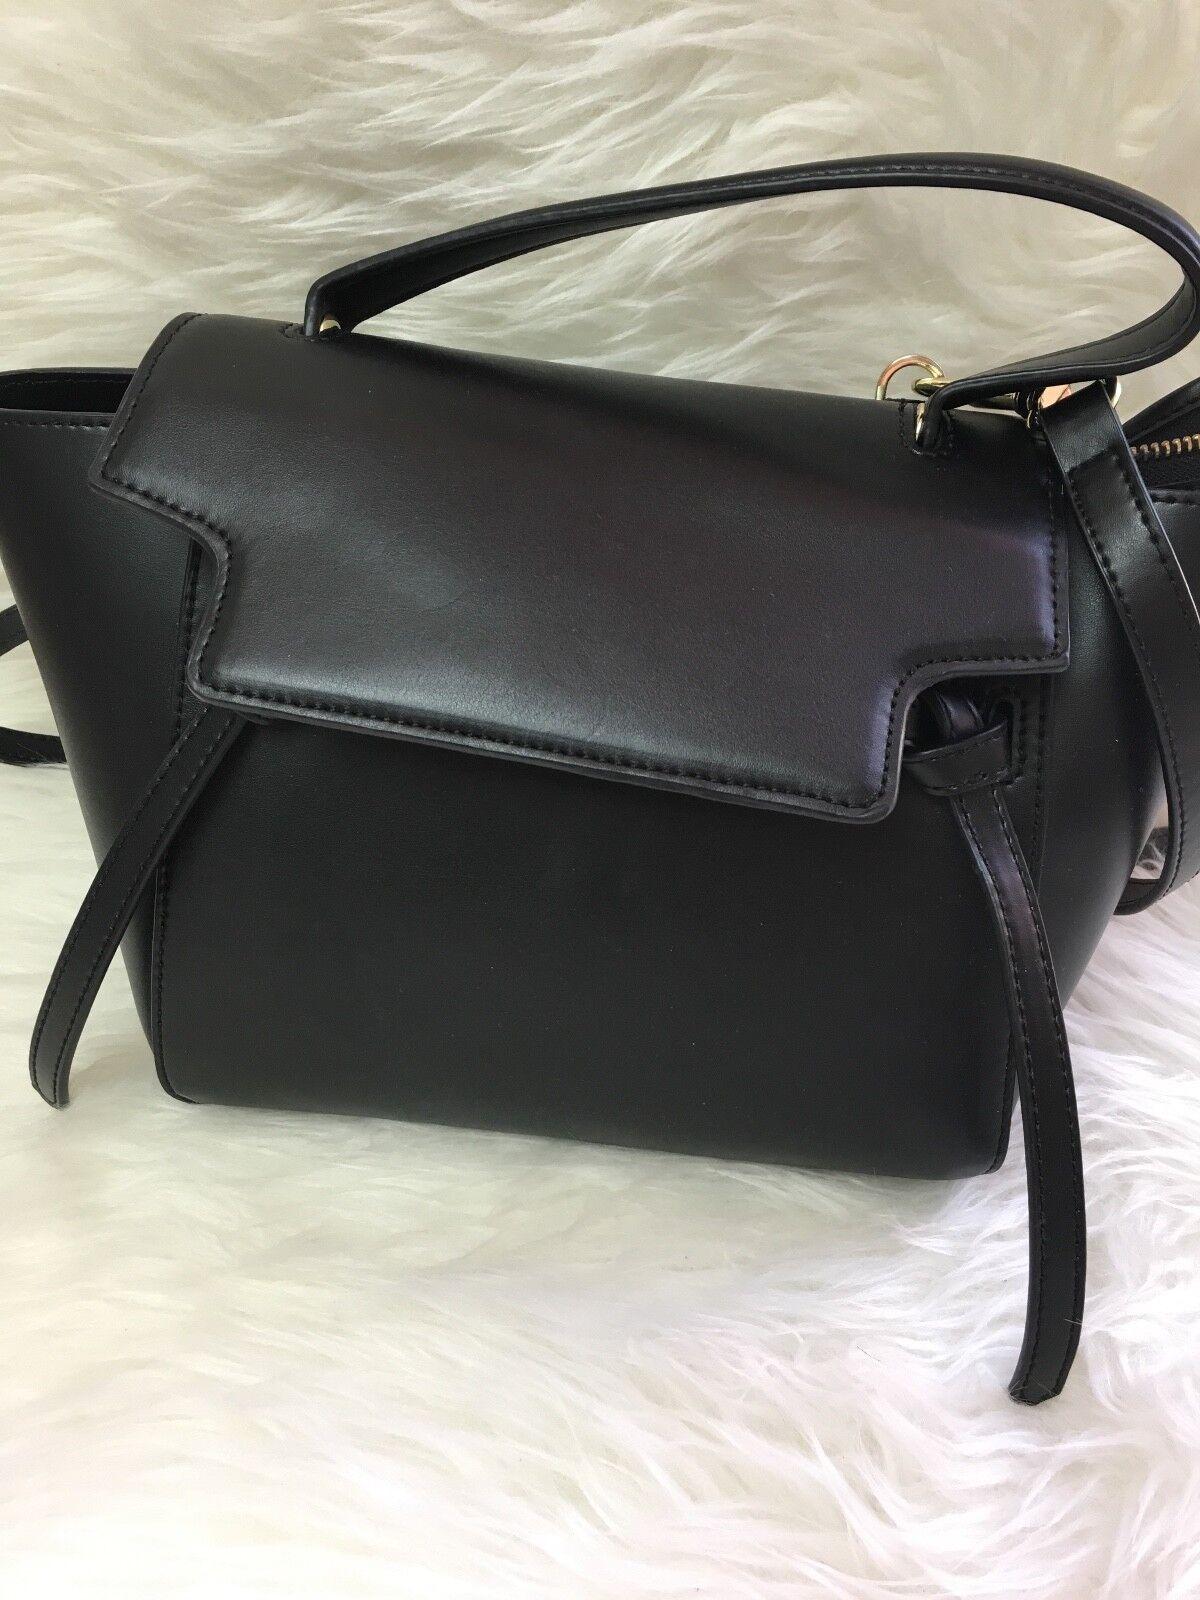 711e2c8fb0901 Handtasche Echtleder schwarz schwarz schwarz von Lush